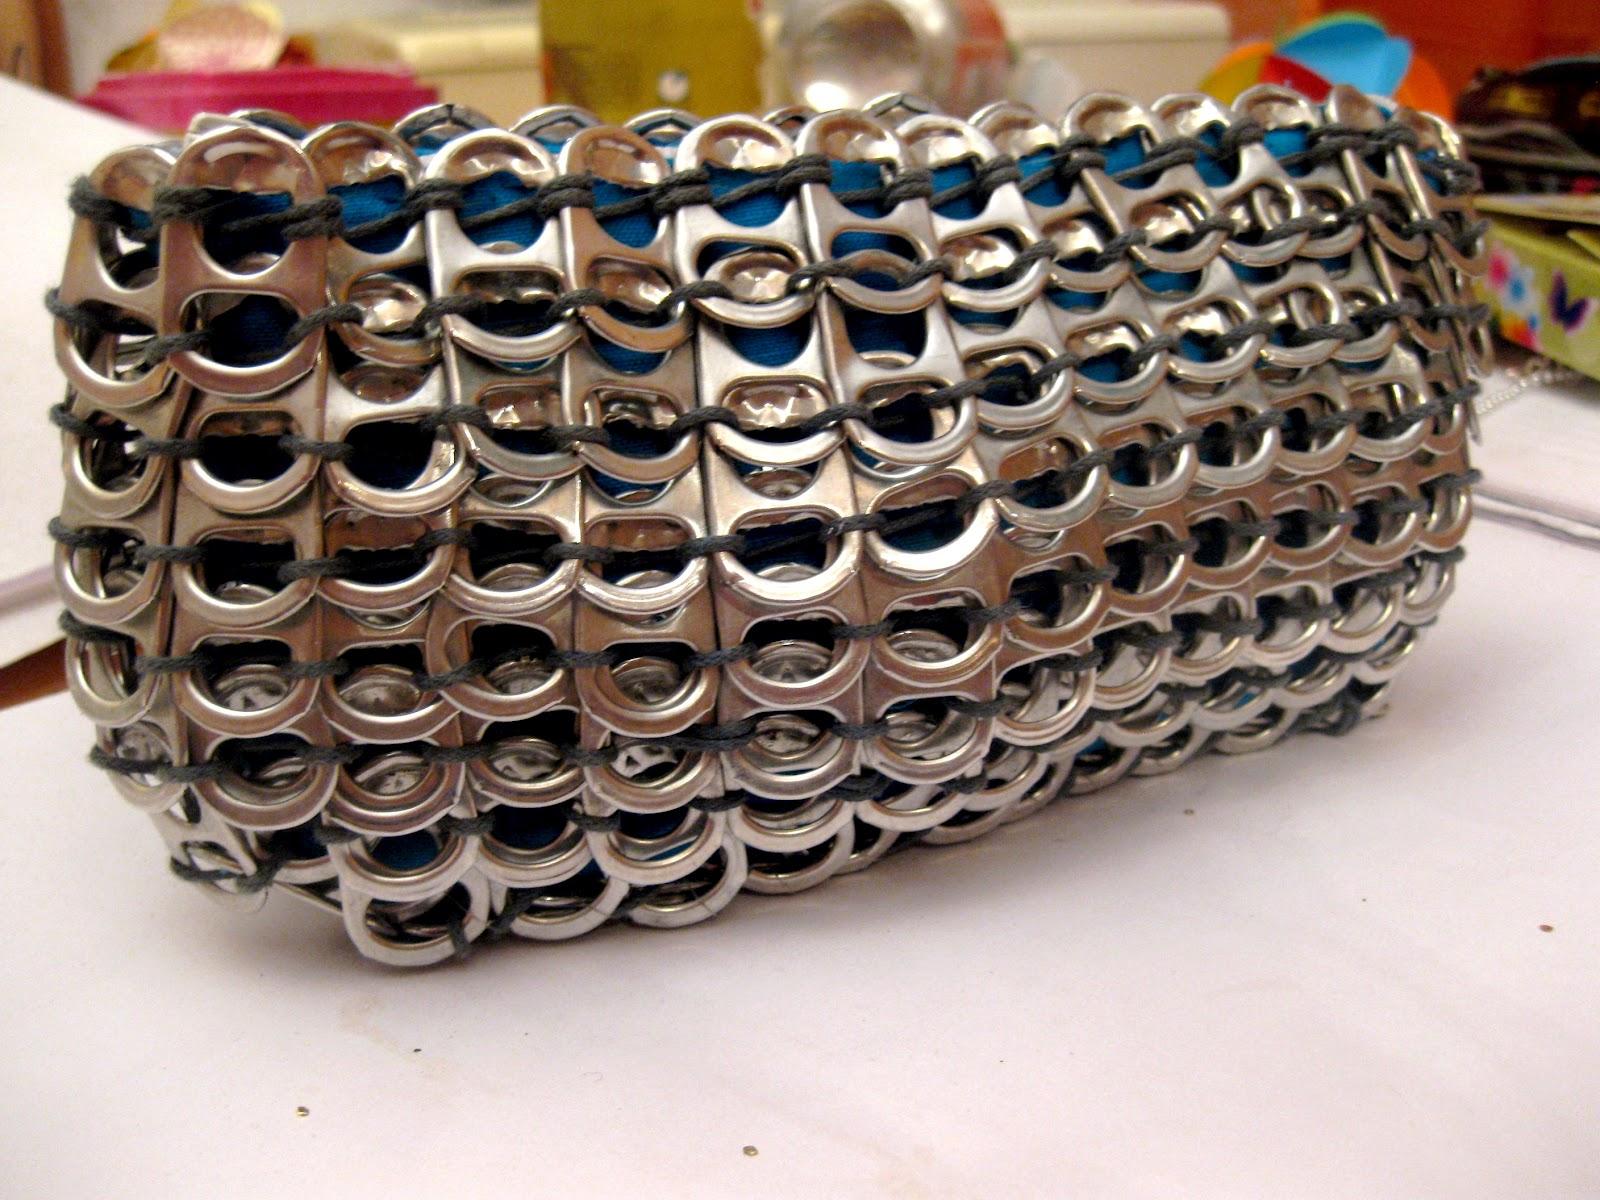 7c56d6e594b3f Ich finde es sieht super aus und nutze die Tasche nun für meine Stifte usw.  Vielleicht ist es ja eine Anregung für euch.